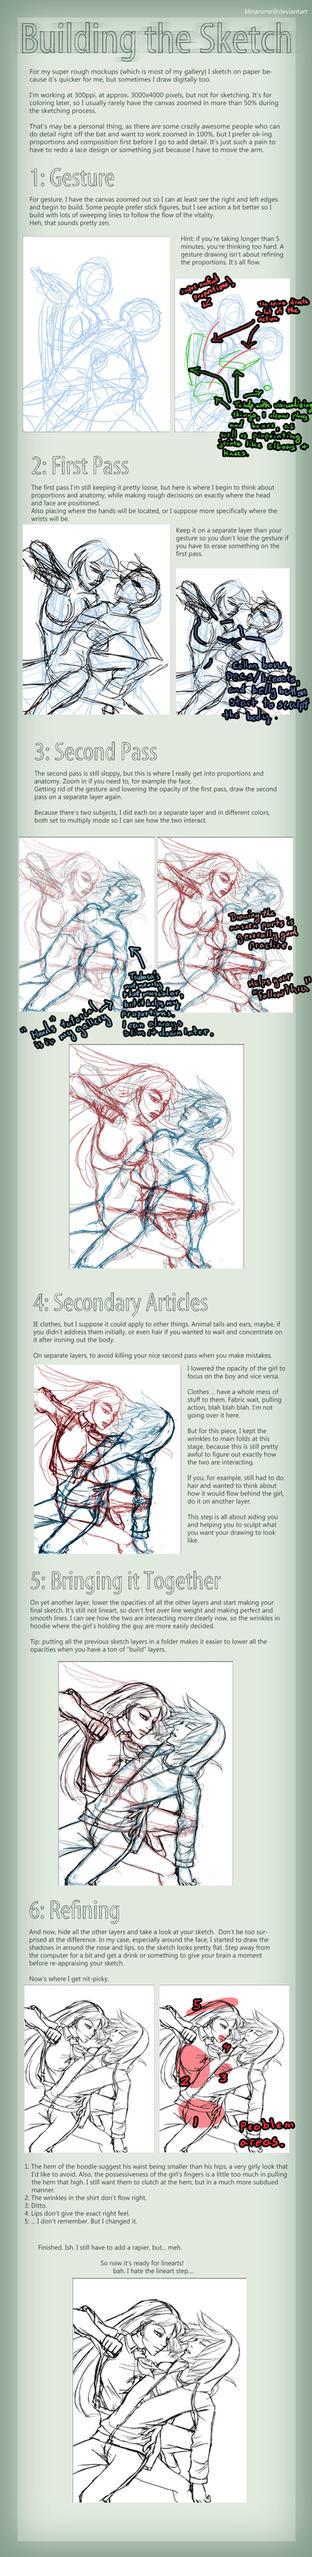 Tutorial: Building a Sketch by klinanime